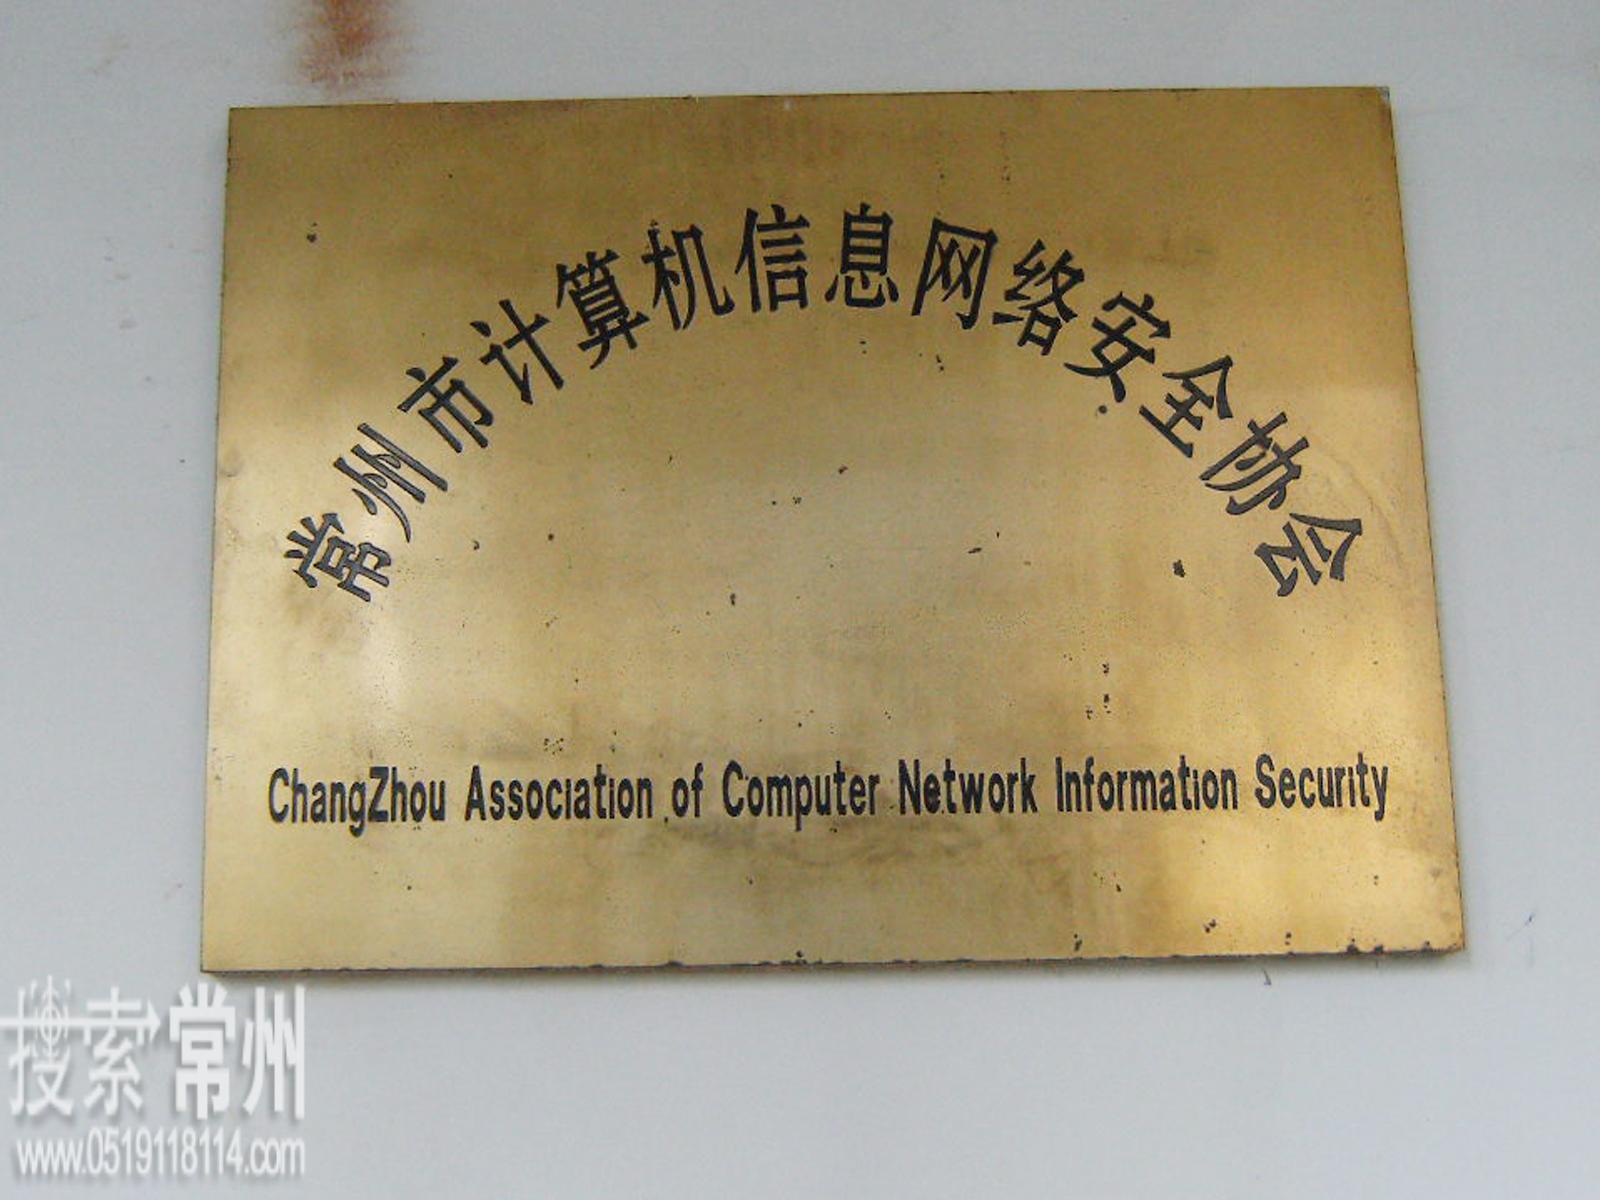 常州市計算機信息網絡安全協會